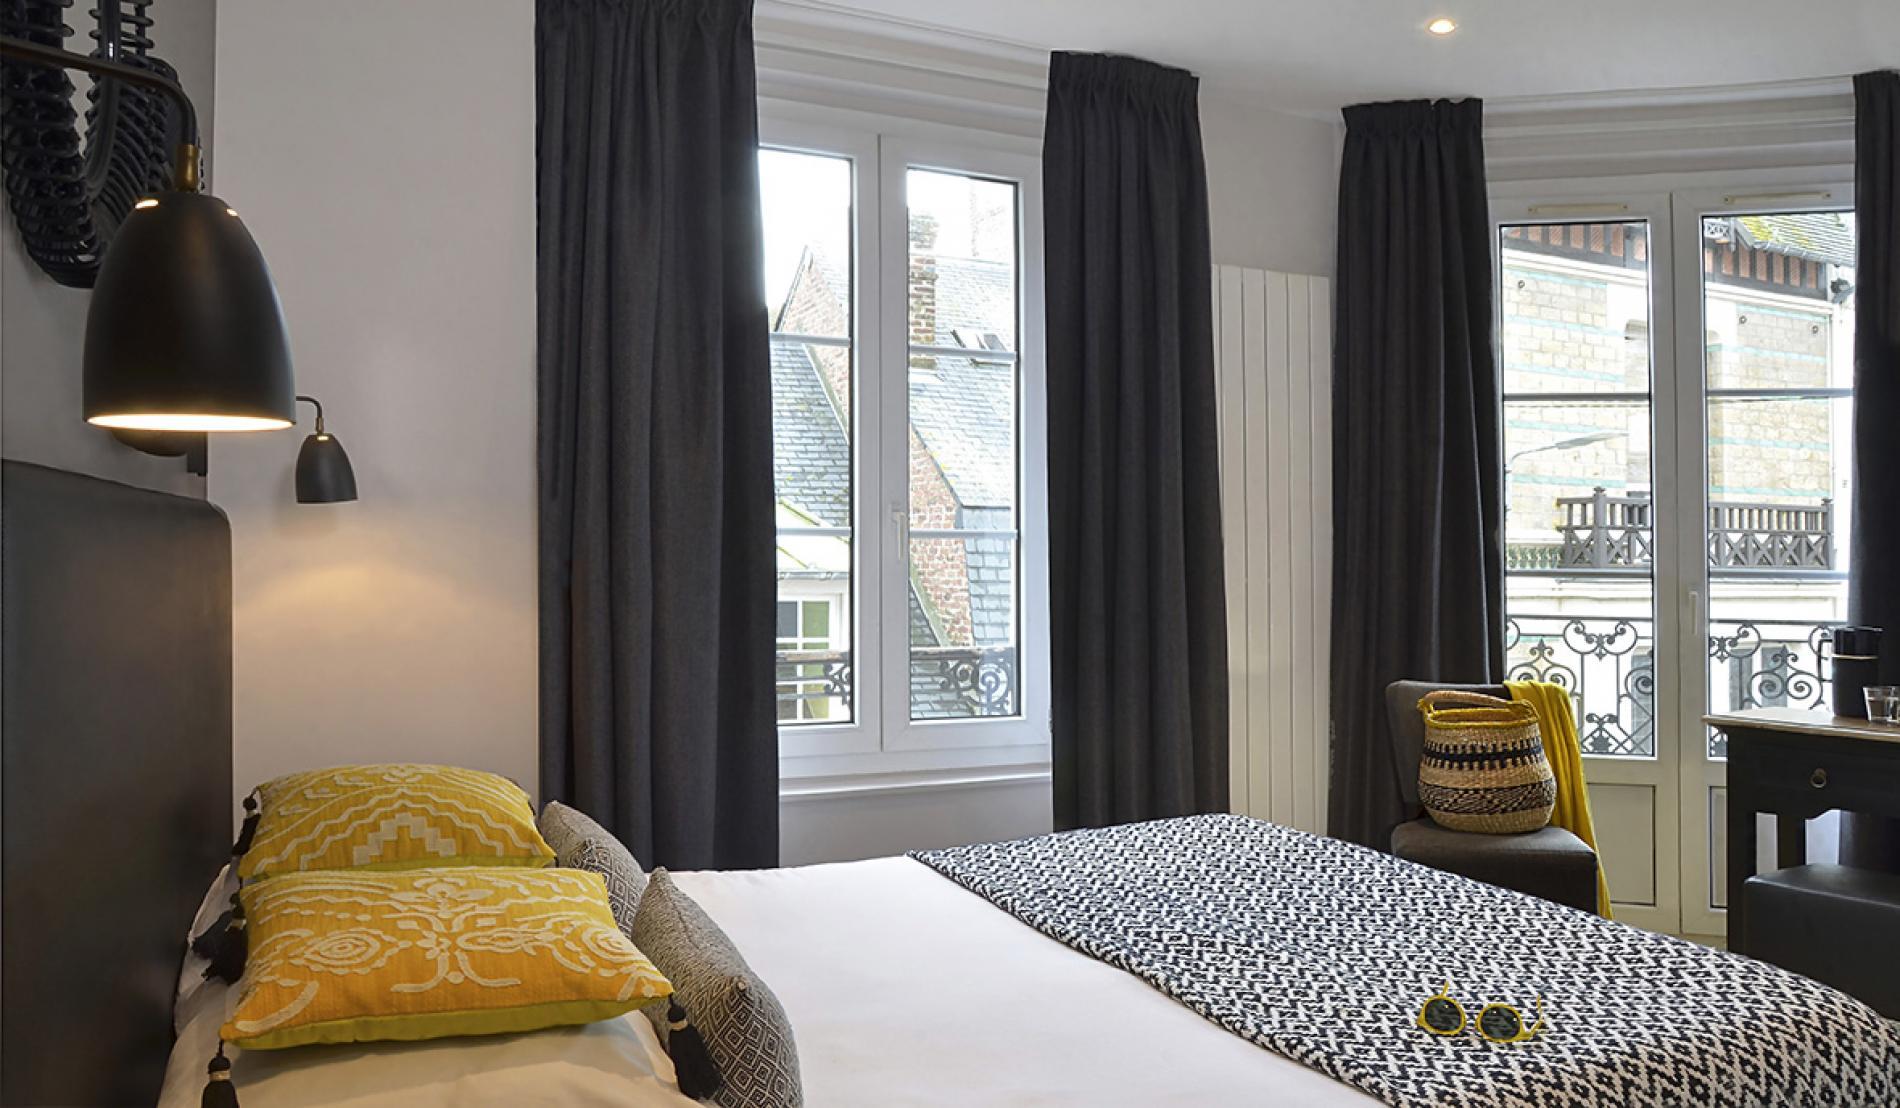 hotel-trouville.com - Hotel de charme en Normandie